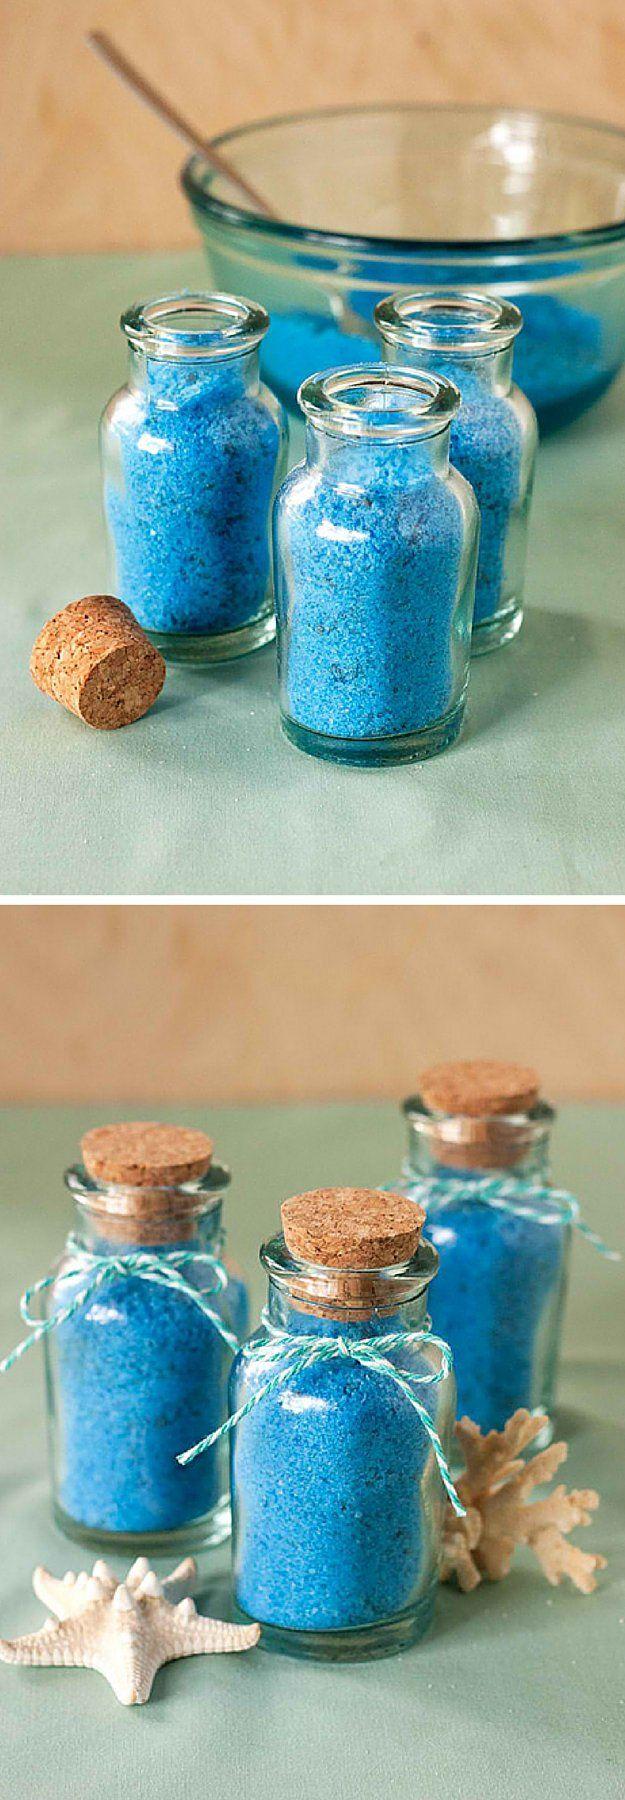 Mermaid Bath Salts | 17 DIY Bath Salts | Learn How To Make The Most Relaxing Bath Salt Recipes by DIY Ready at  http://diyready.com/17-diy-bath-salts-bath-salt-recipe/